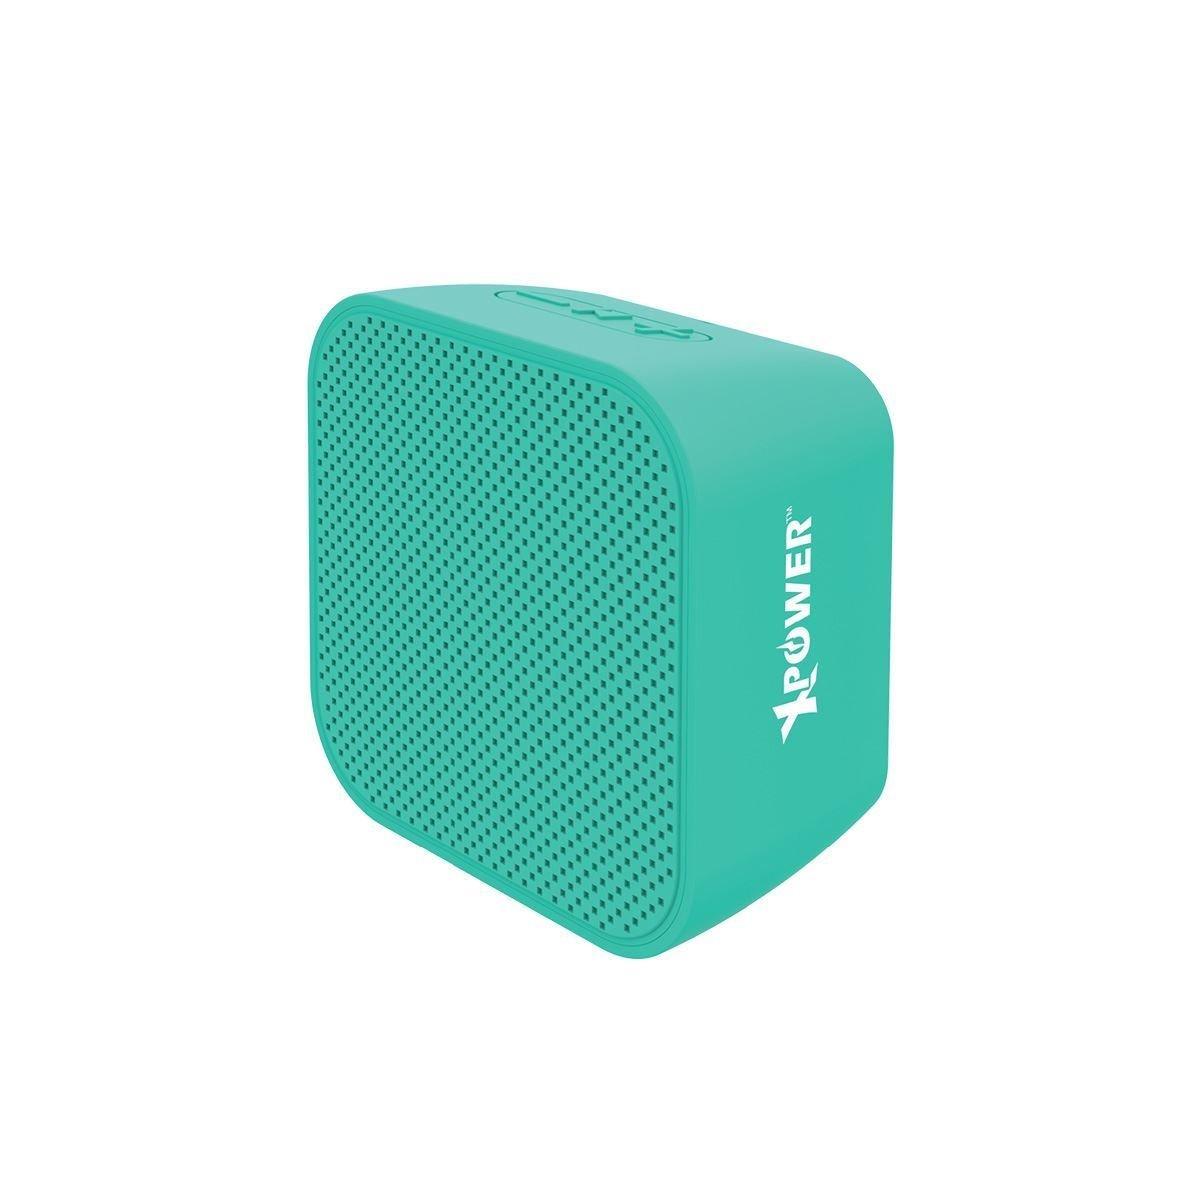 可免提連FM藍芽v5.0喇叭 MBS1 綠色